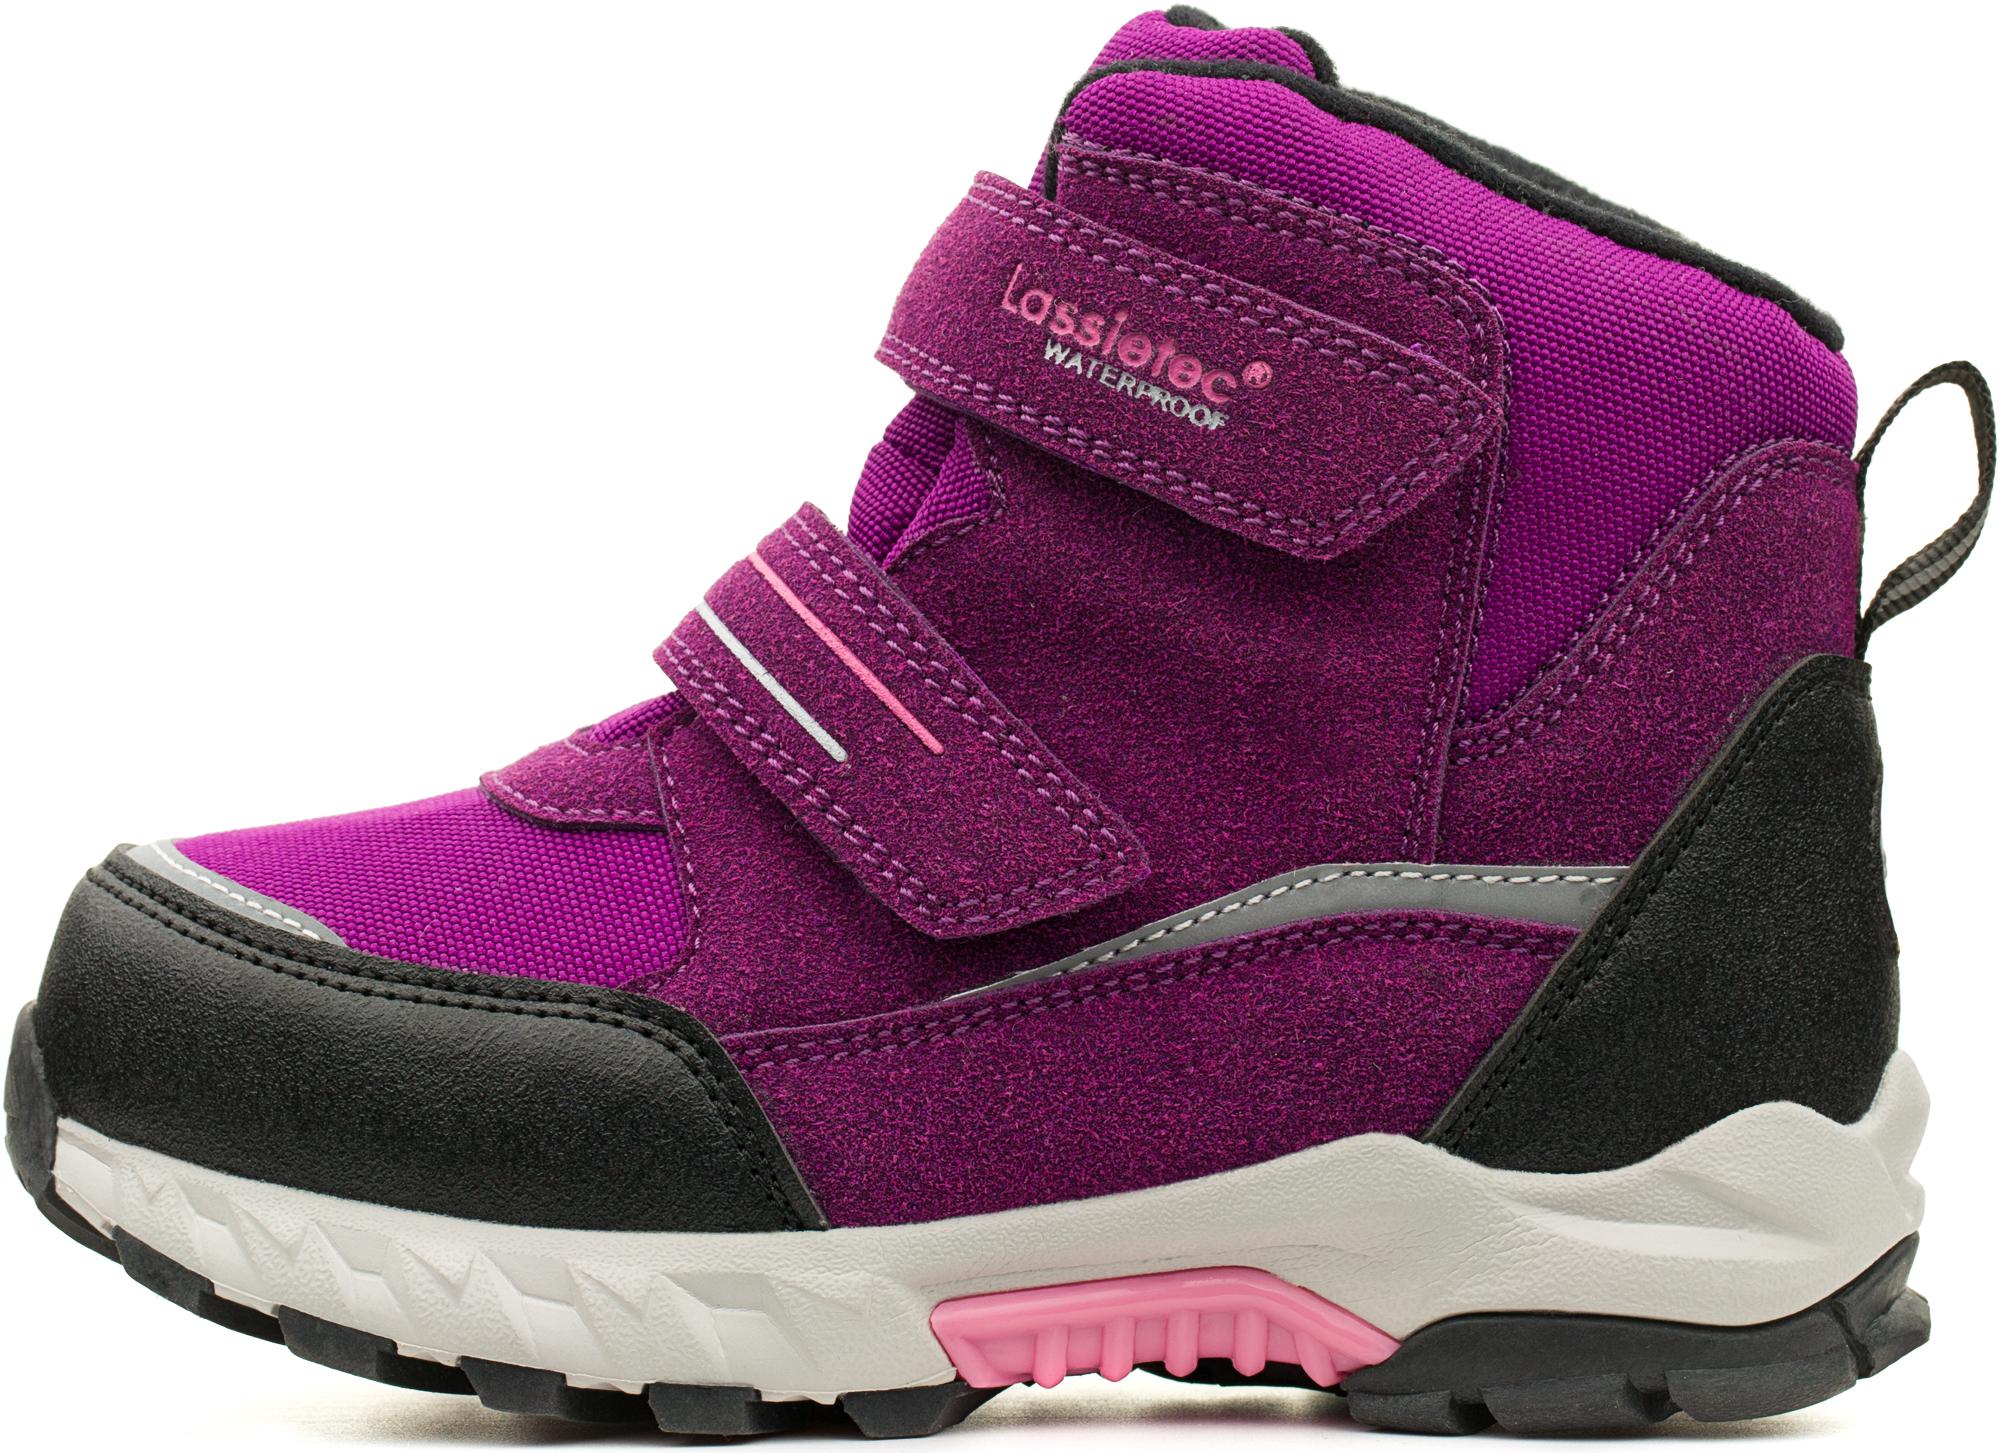 LASSIE Ботинки утепленные для девочек LASSIE Valiant, размер 30